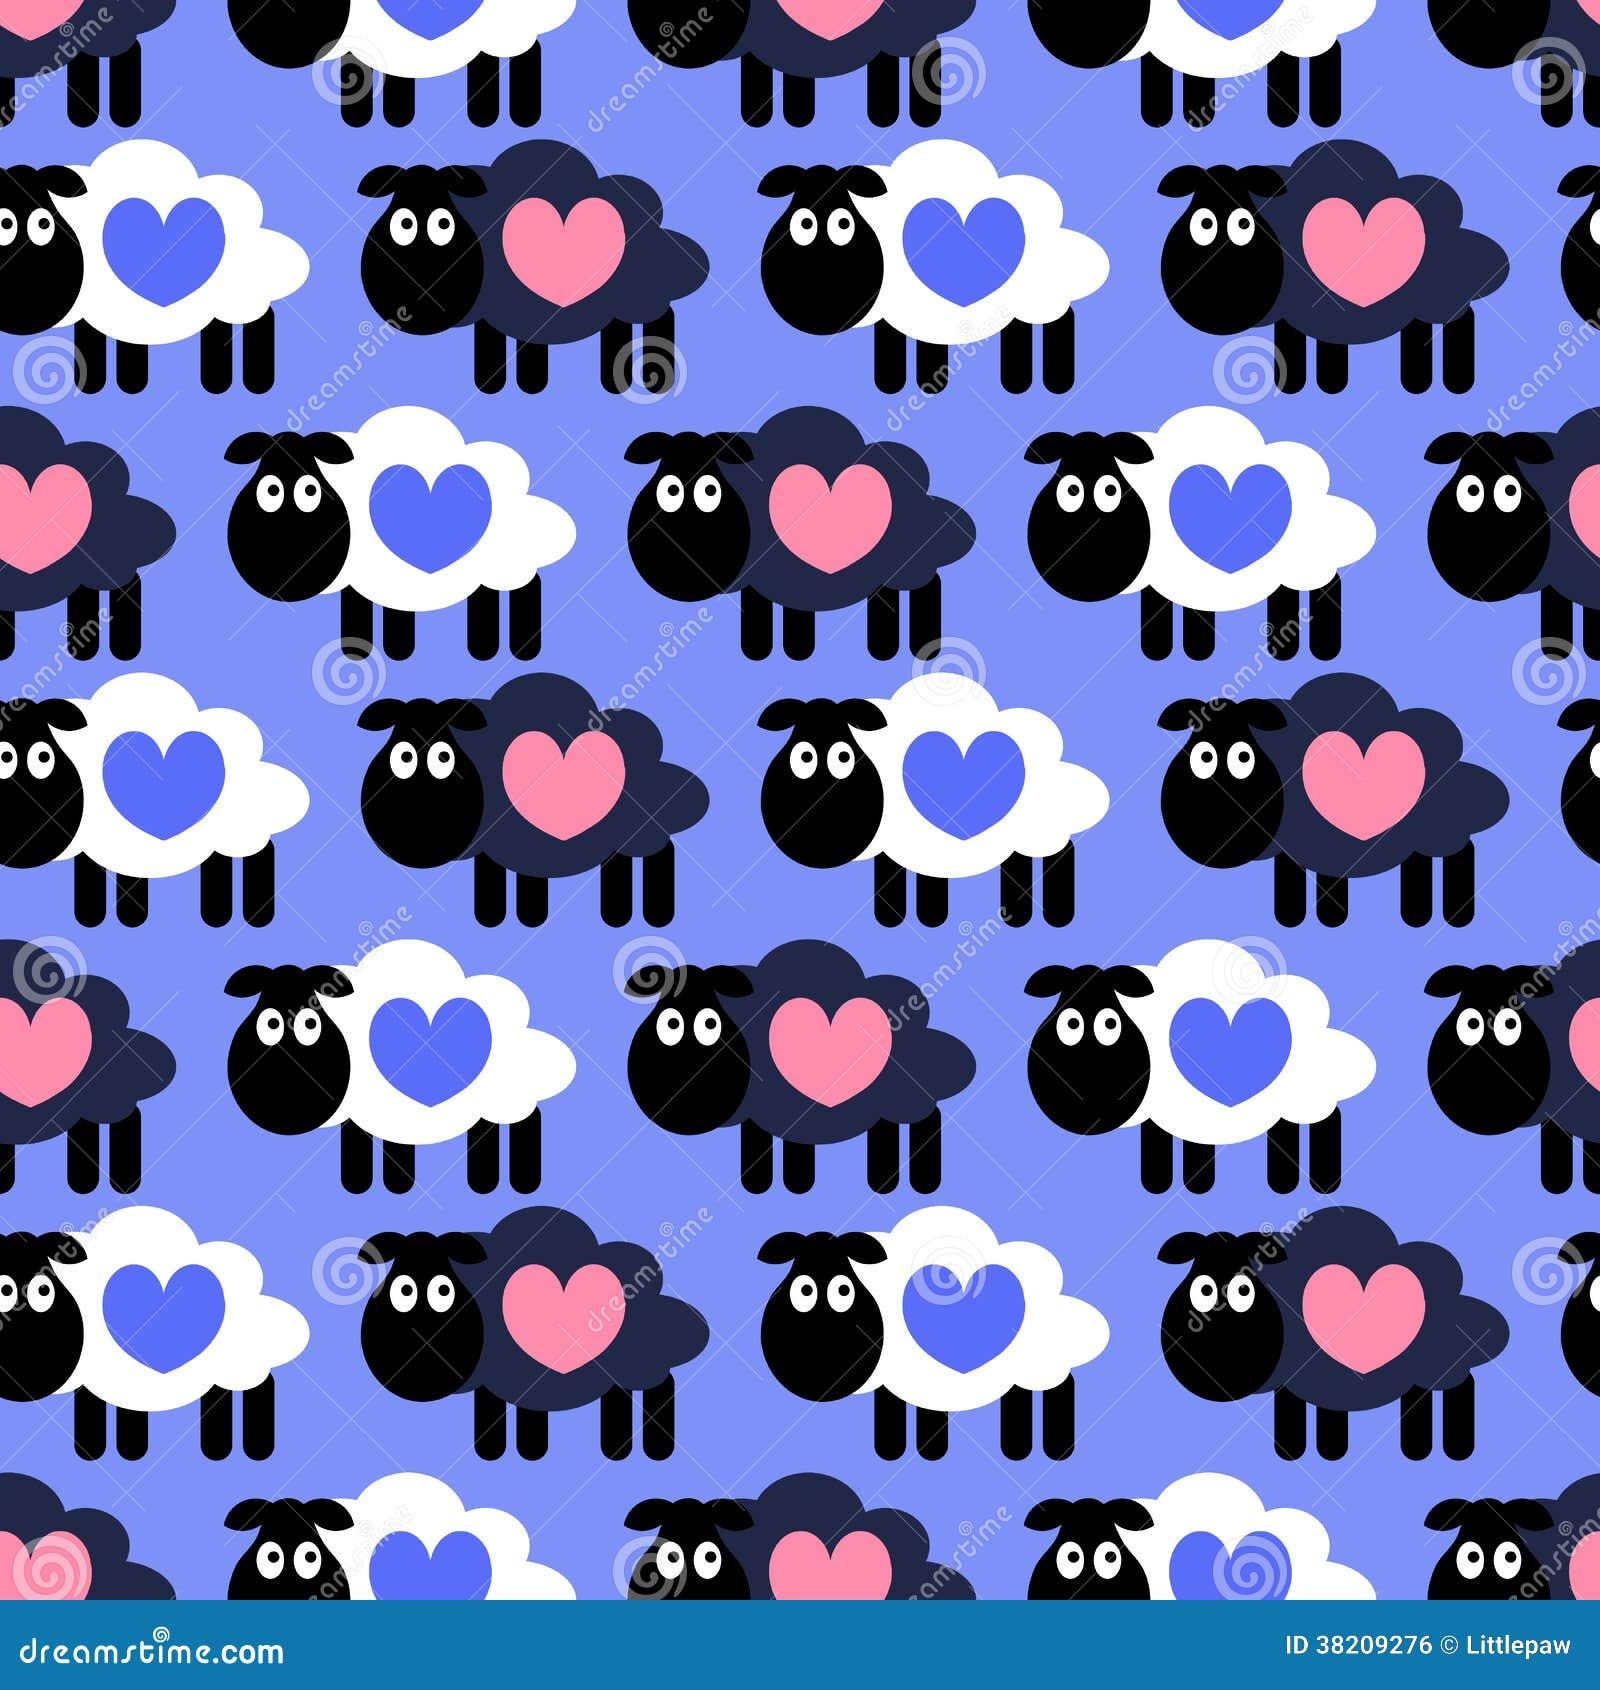 Free naked patterns sheep